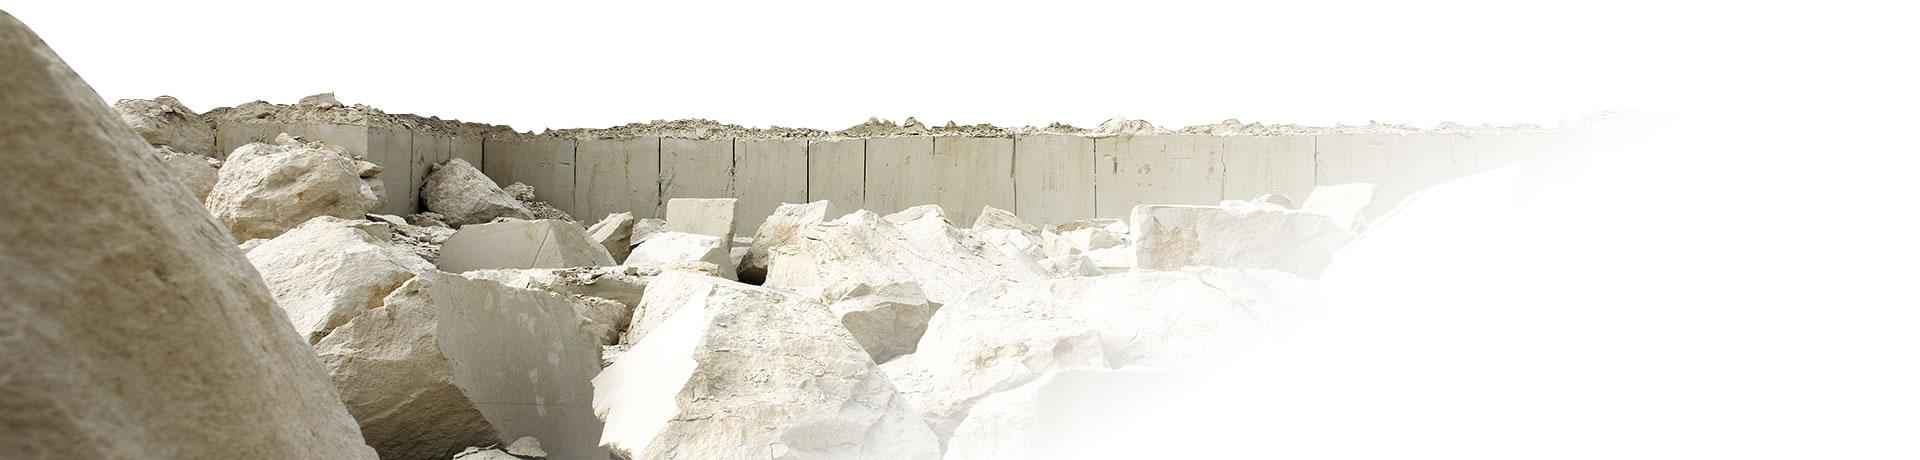 Maquignon - Carrière pierres